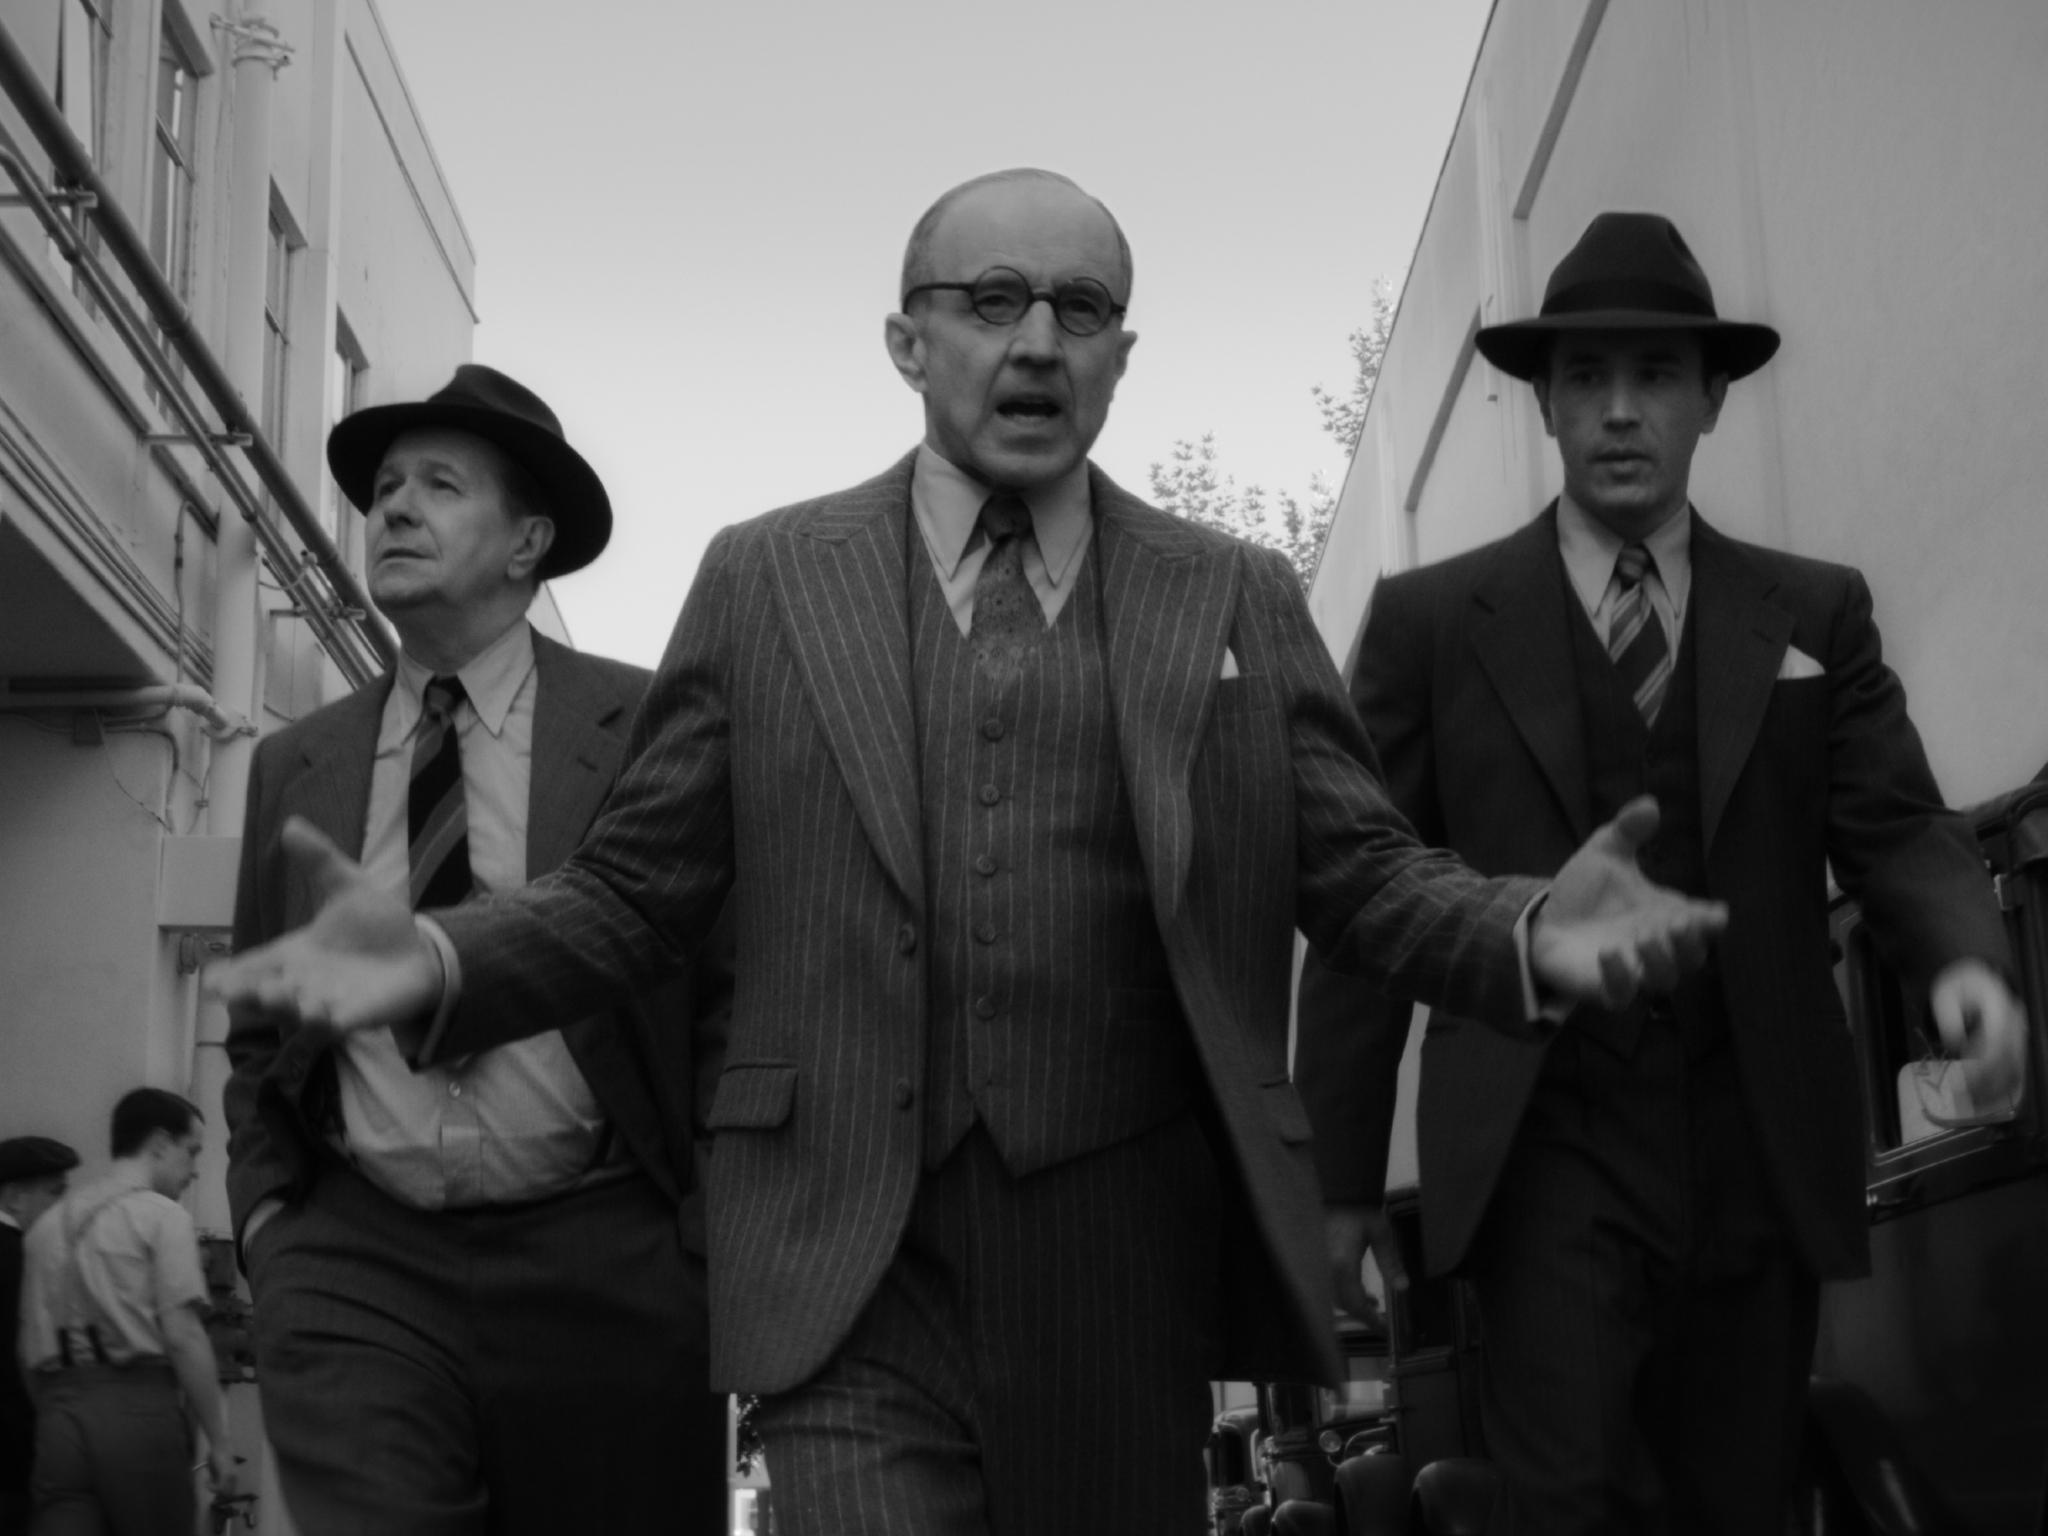 Mank, la nueva película de Gary Oldman